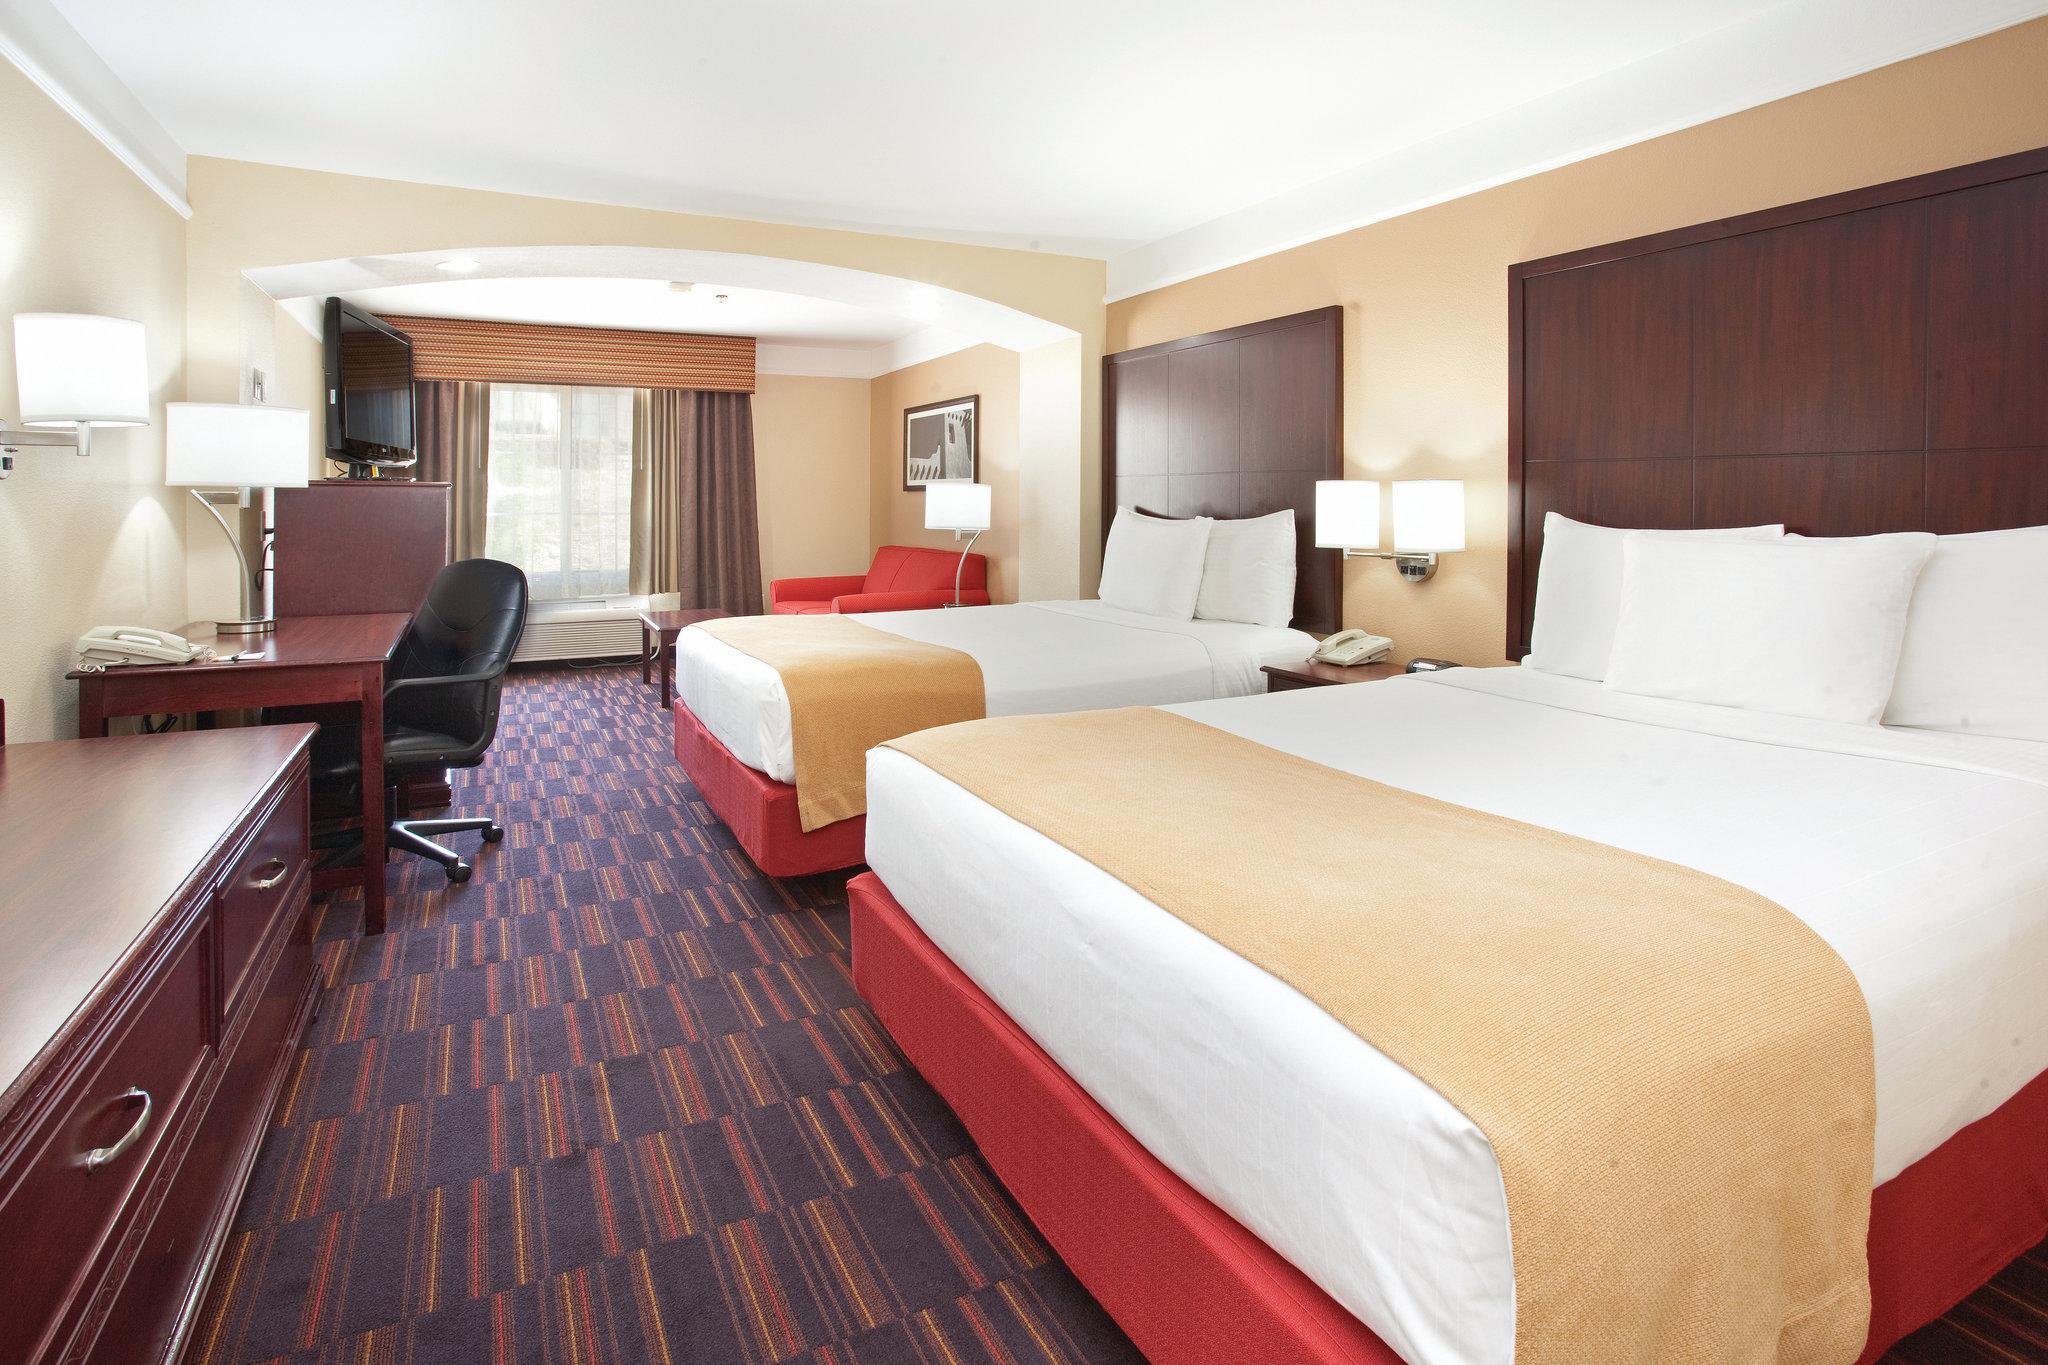 La Quinta Inn & Suites Albuquerque Midtown